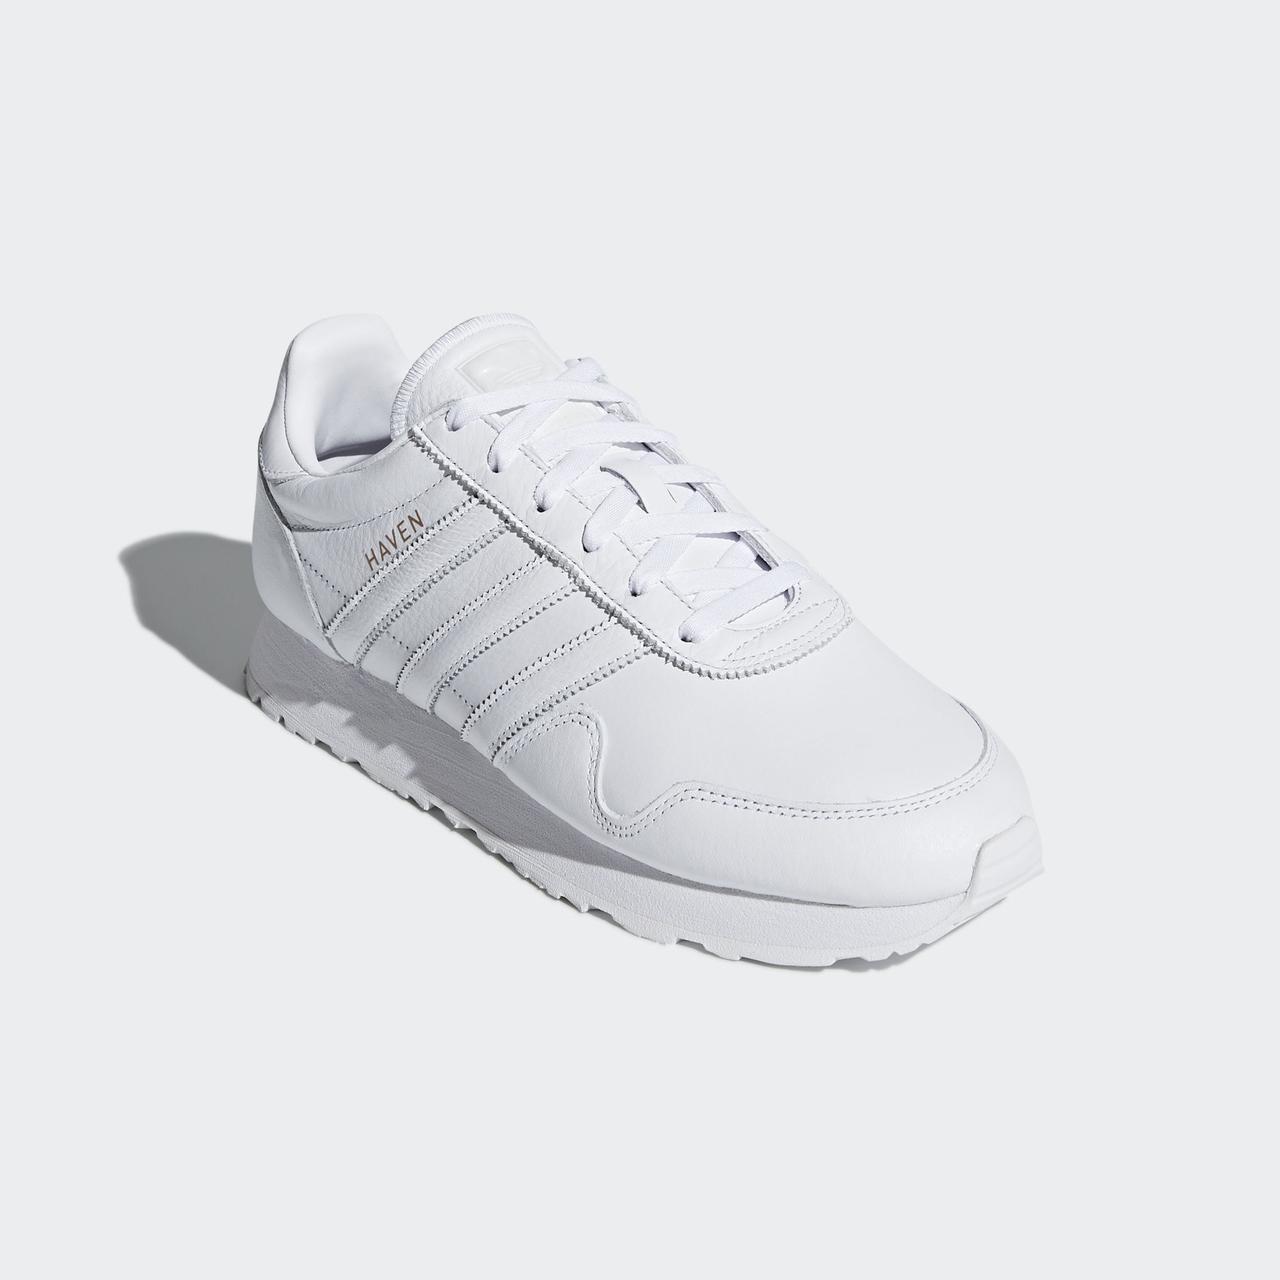 4ae13a41 Мужские белые кроссовки Adidas Originals Haven CQ3037, цена 1 989,30 грн.,  купить в Киеве — Prom.ua (ID#656313443)